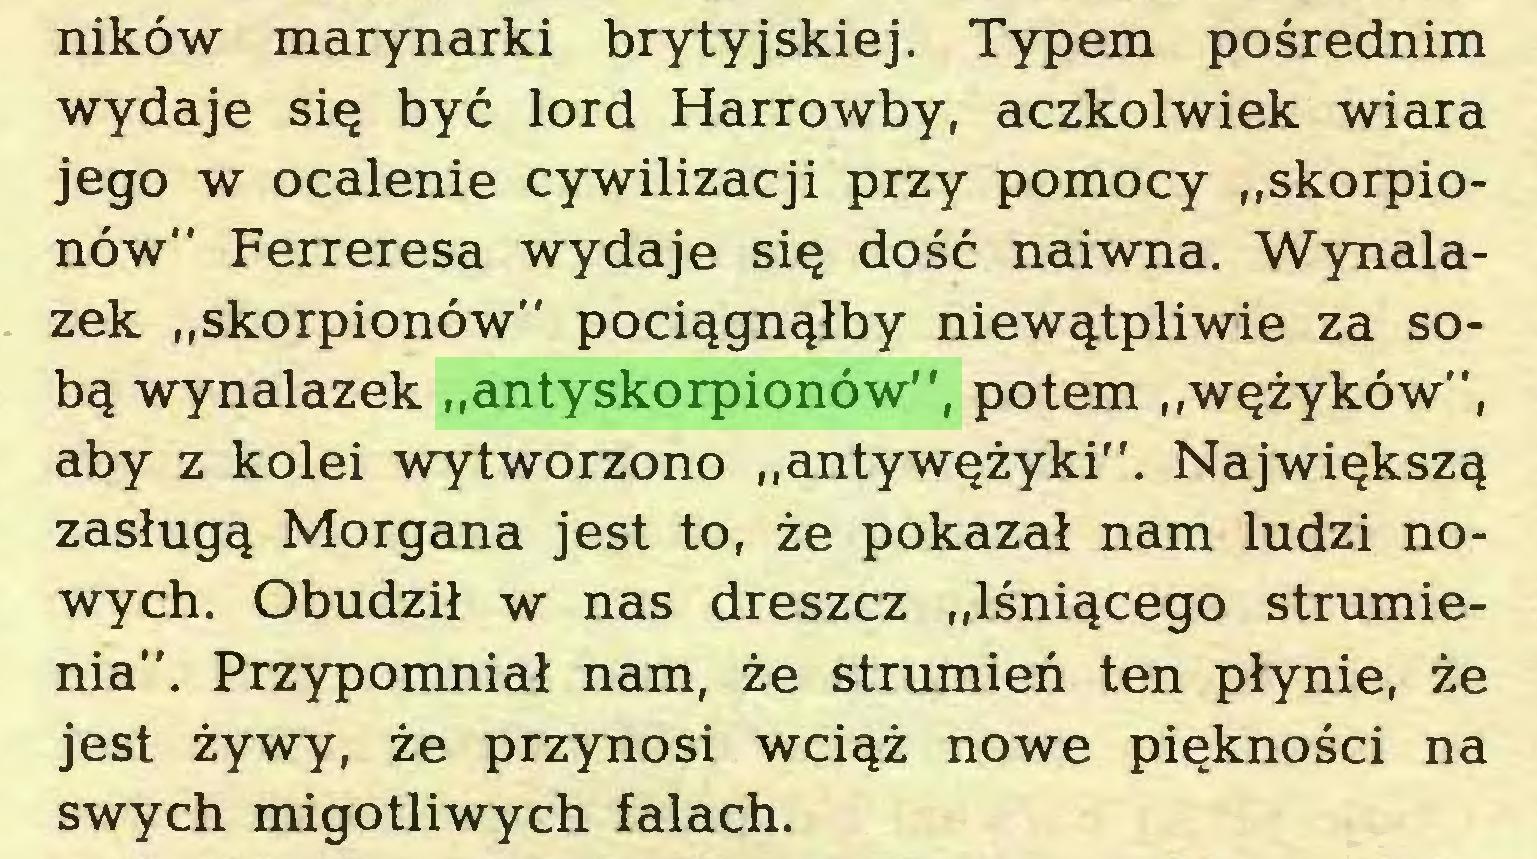 """(...) ników marynarki brytyjskiej. Typem pośrednim wydaje się być lord Harrowby, aczkolwiek wiara jego w ocalenie cywilizacji przy pomocy """"skorpionów"""" Ferreresa wydaje się dość naiwna. Wynalazek """"skorpionów"""" pociągnąłby niewątpliwie za sobą wynalazek """"antyskorpionów"""", potem """"wężyków"""", aby z kolei wytworzono """"antywężyki"""". Największą zasługą Morgana jest to, że pokazał nam ludzi nowych. Obudził w nas dreszcz """"lśniącego strumienia"""". Przypomniał nam, że strumień ten płynie, że jest żywy, że przynosi wciąż nowe piękności na swych migotliwych falach..."""